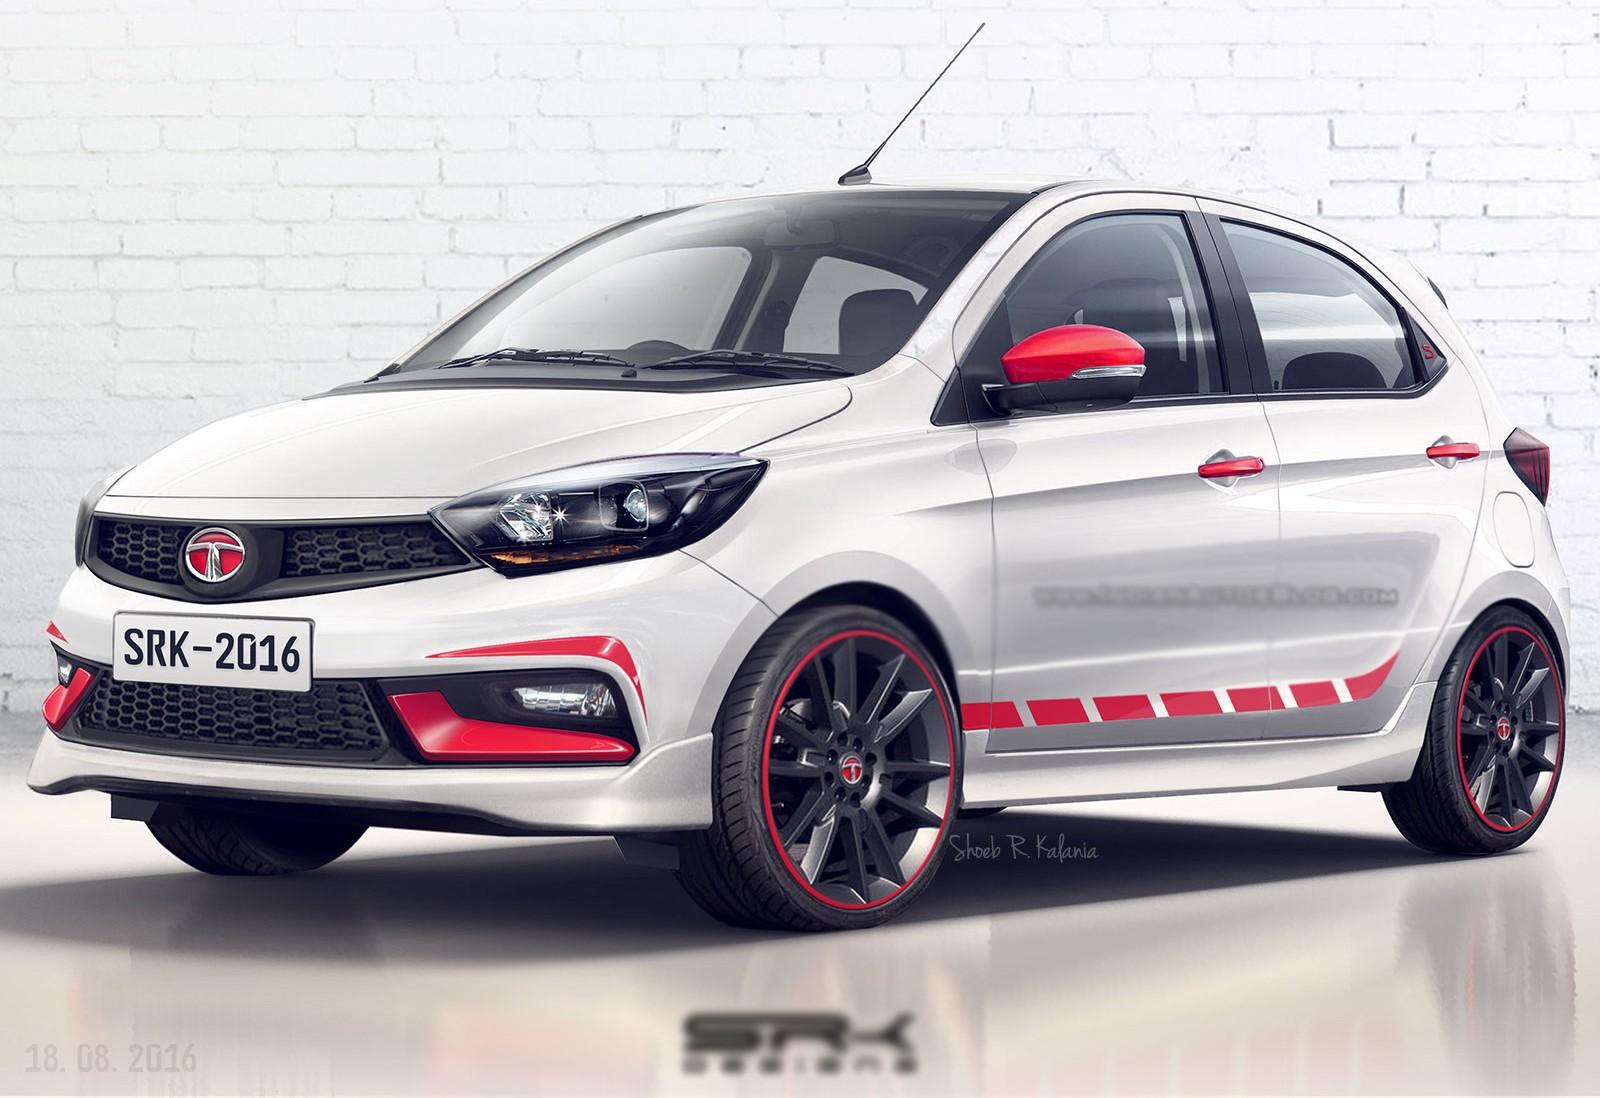 Ô tô giá siêu rẻ chỉ 194 triệu đồng sắp ra mắt - Ảnh 1